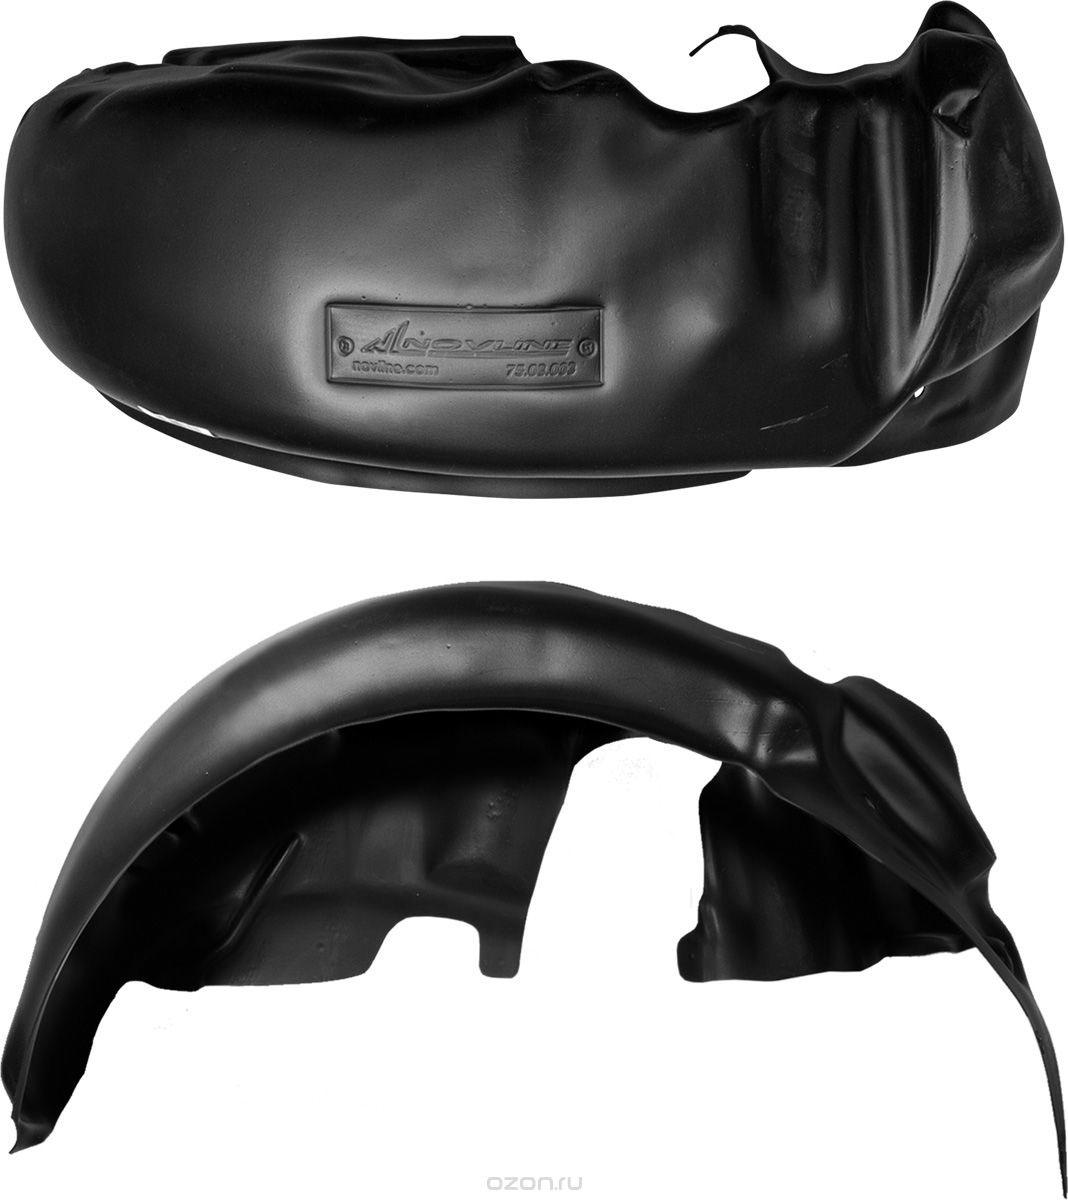 Подкрылок Novline-Autofamily, для CITROEN Jumper 08/2014->, с расширителями арок, передний левыйNLL.10.24.001Идеальная защита колесной ниши. Локеры разработаны с применением цифровых технологий, гарантируют максимальную повторяемость поверхности арки. Изделия устанавливаются без нарушения лакокрасочного покрытия автомобиля, каждый подкрылок комплектуется крепежом. Уважаемые клиенты, обращаем ваше внимание, что фотографии на подкрылки универсальные и не отражают реальную форму изделия. При этом само изделие идет точно под размер указанного автомобиля.